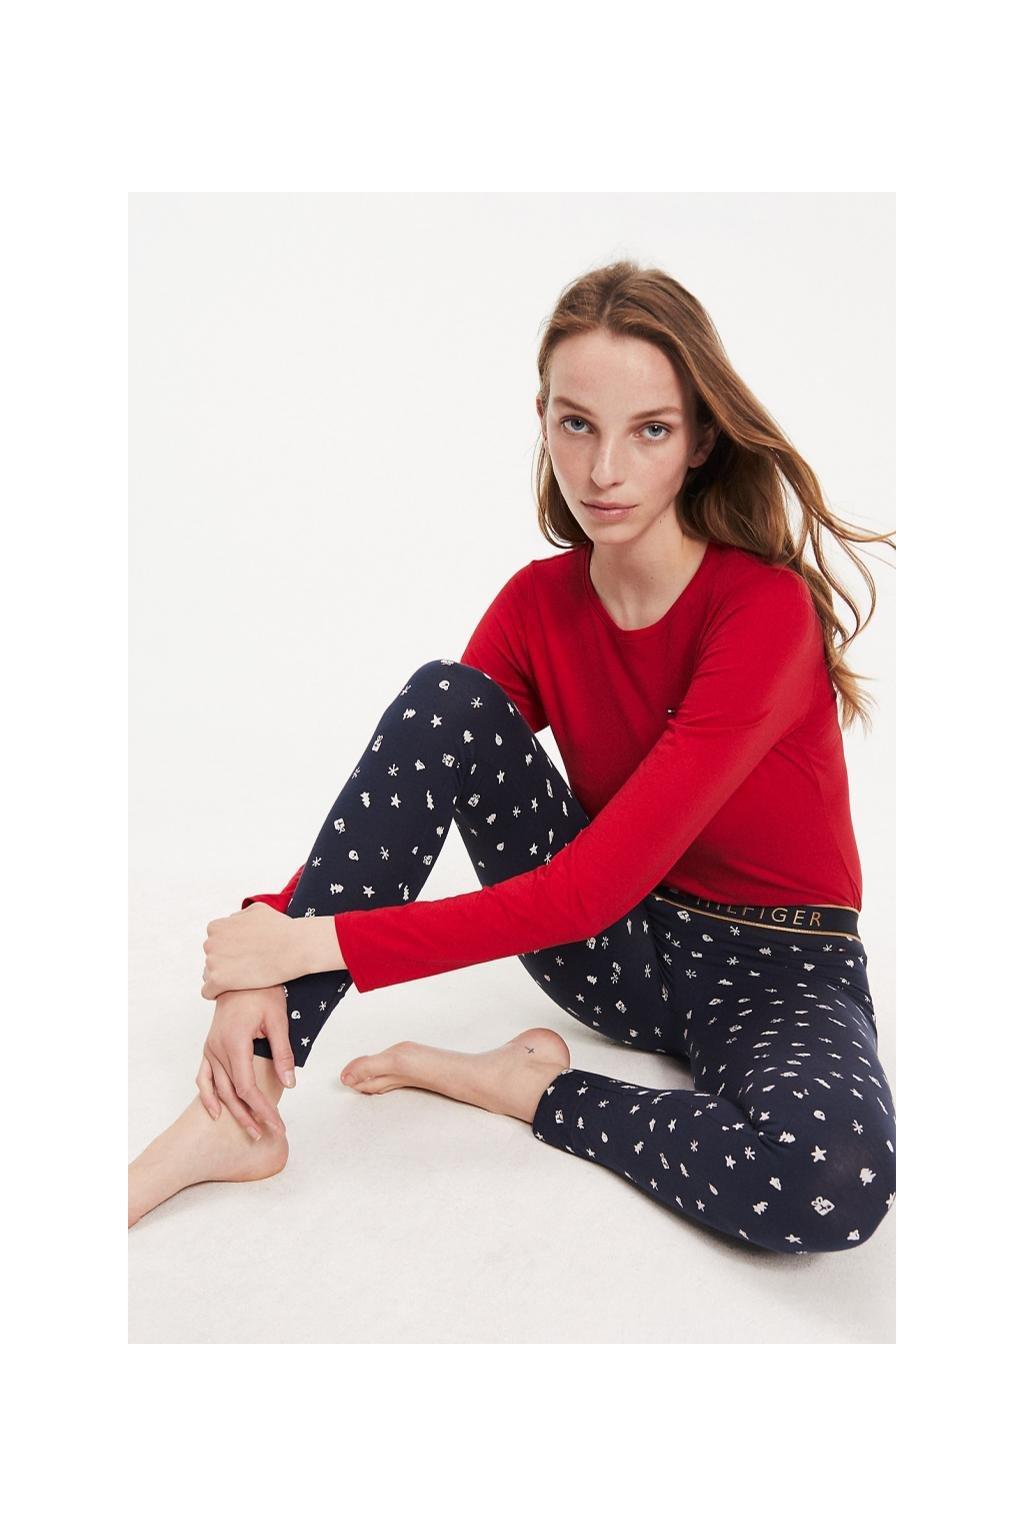 Dárkové balení Tommy Hilfiger pyžamový set dámský - červená, modrá